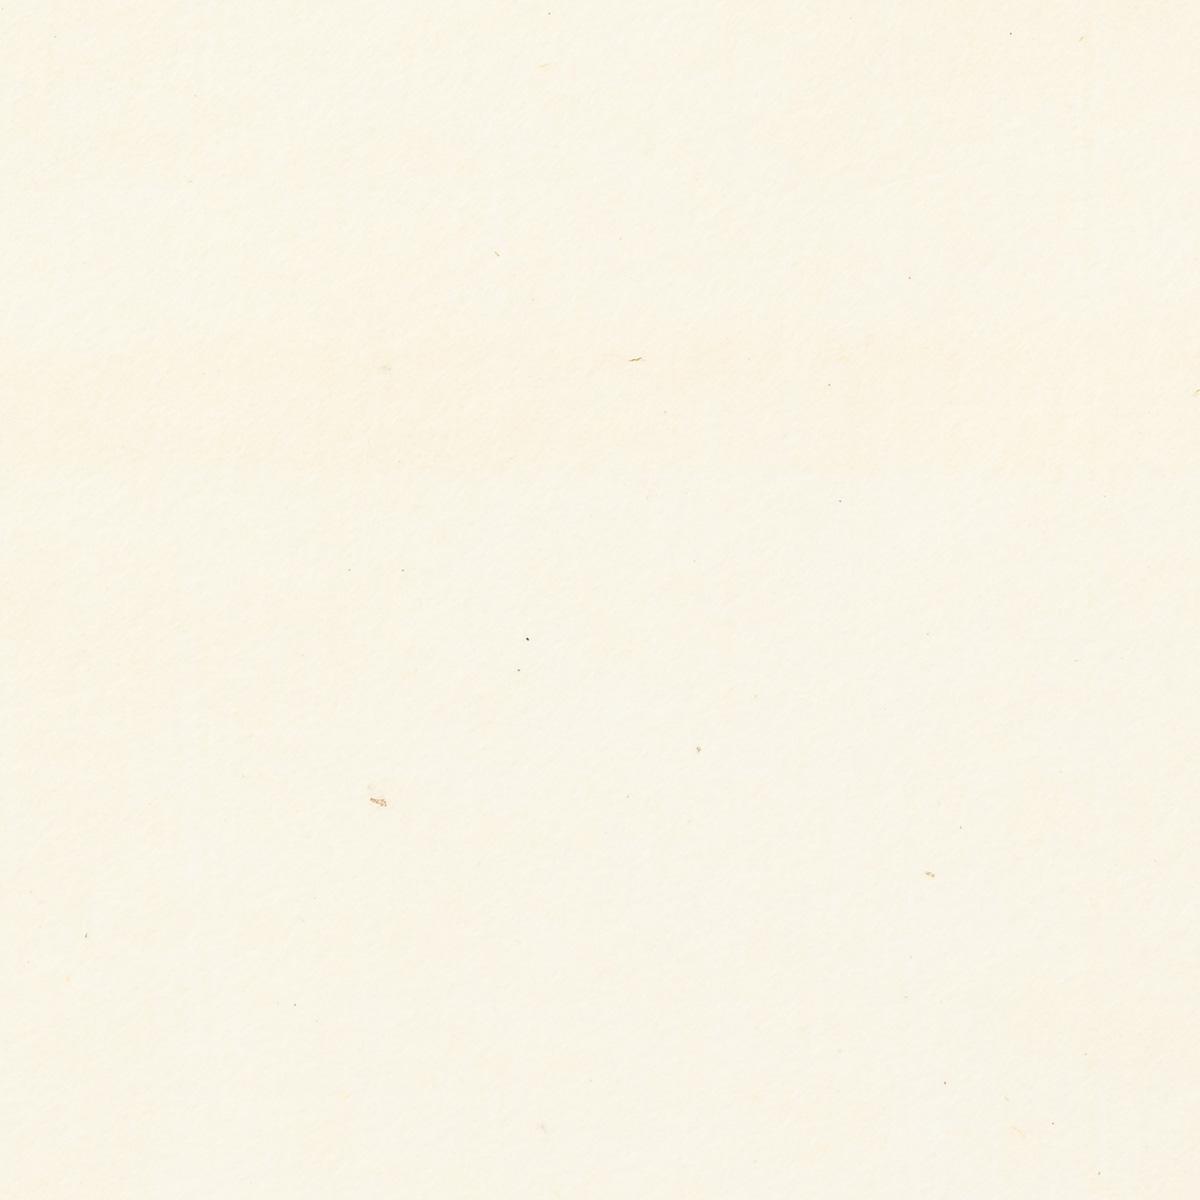 横野 封筒用紙 4匁